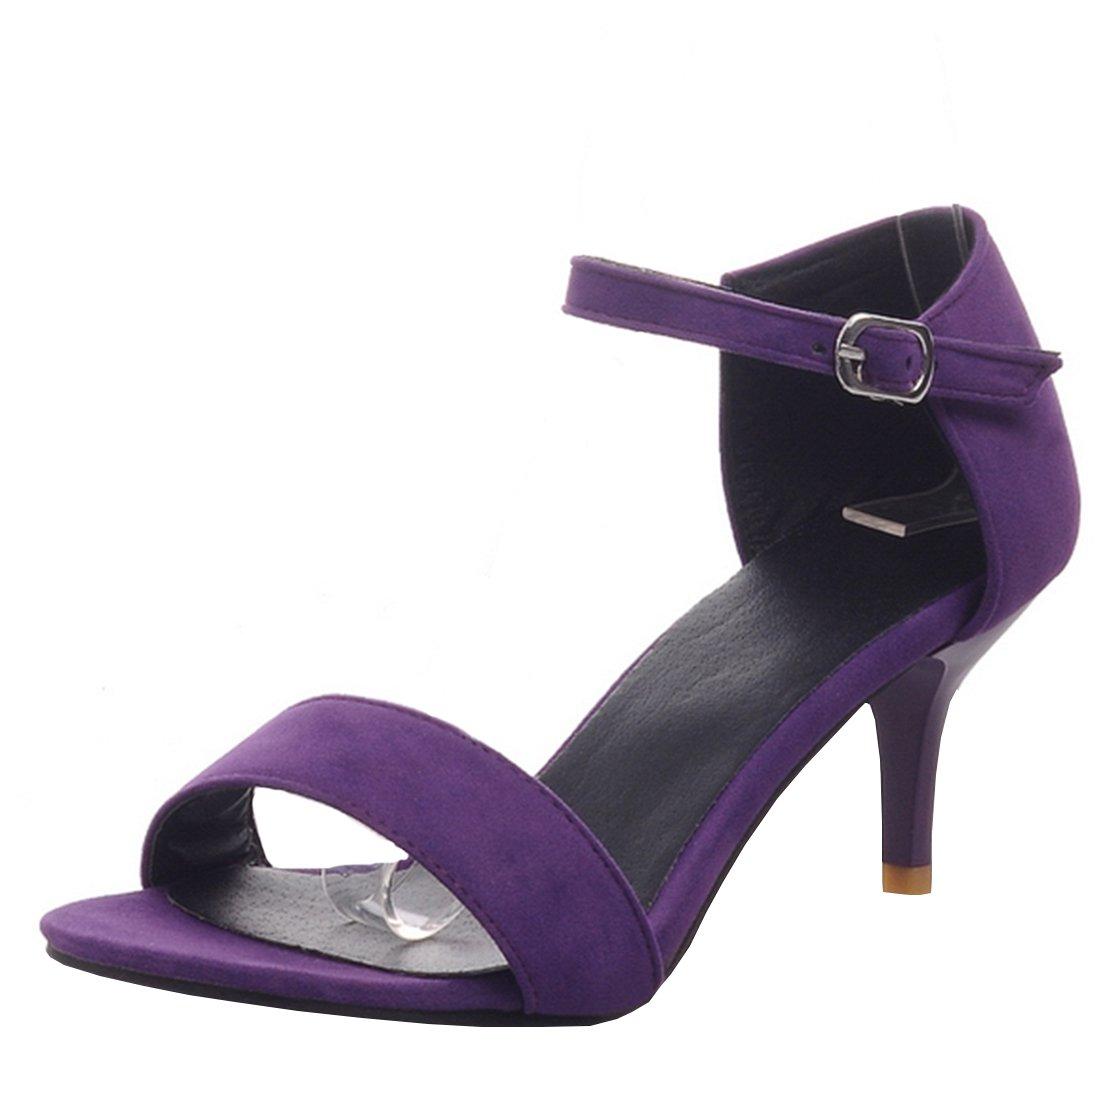 Agodor Damen Stiletto High Heels Sandalen mit Schnalle und Riemchen Open Toe Pumps Elegant Schuhe